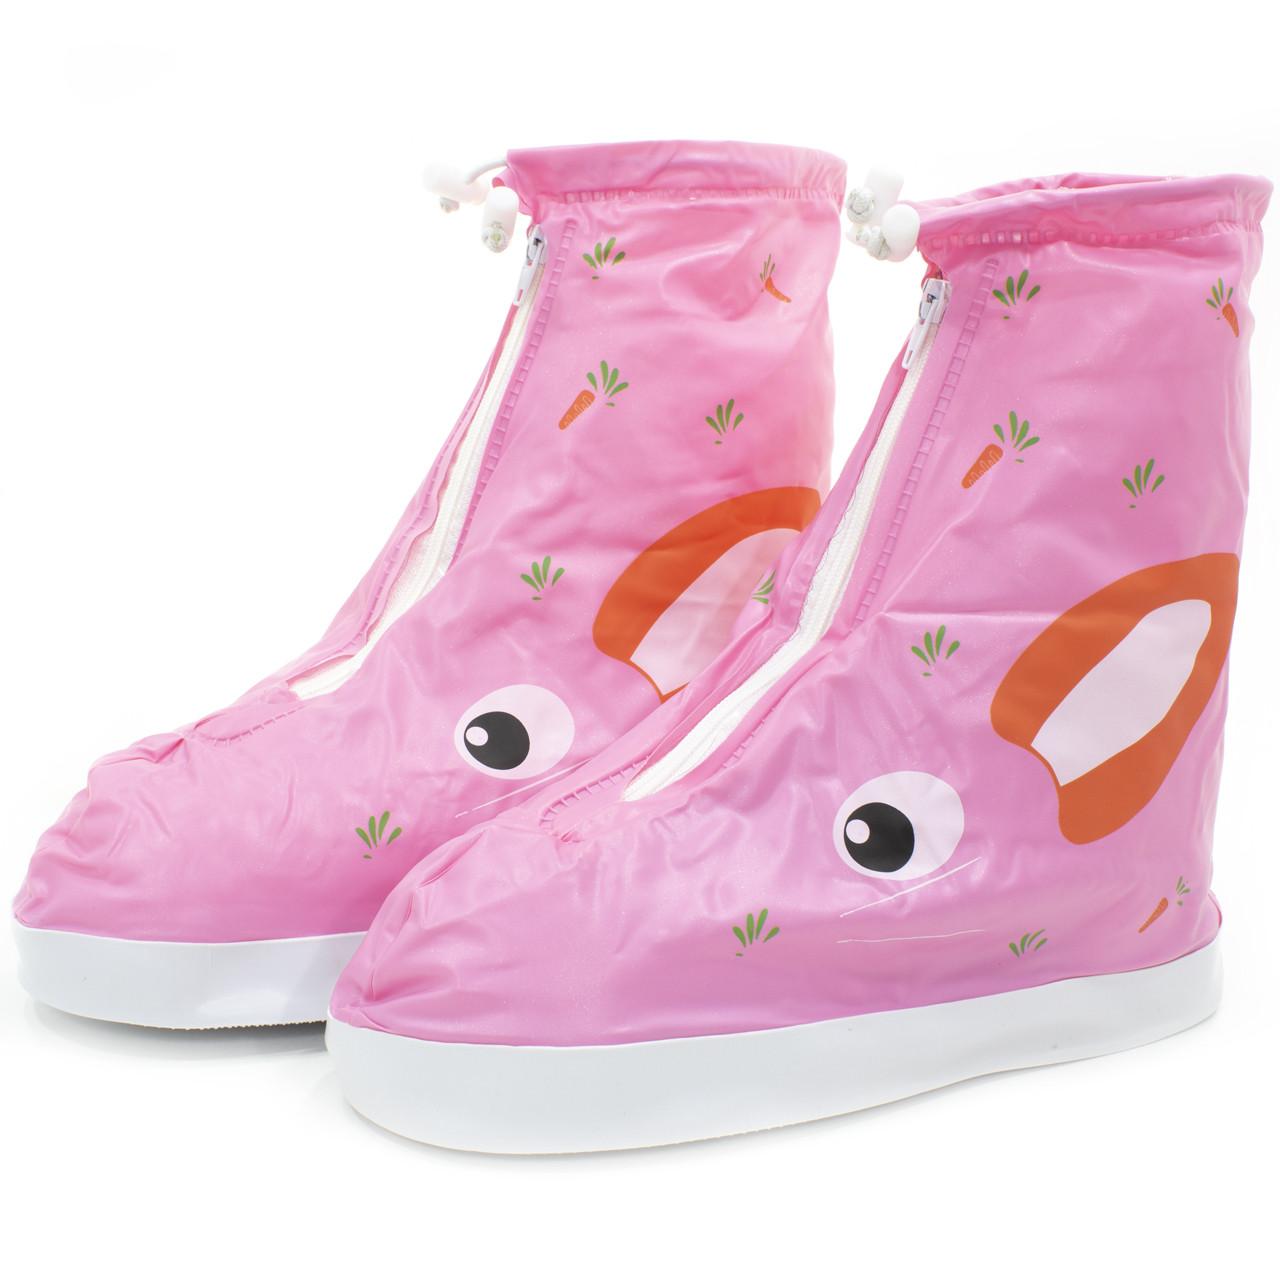 Детские резиновые бахилы Lesko на обувь от дождя Кролик розовый размер L многоразовые от грязи снега слякоти